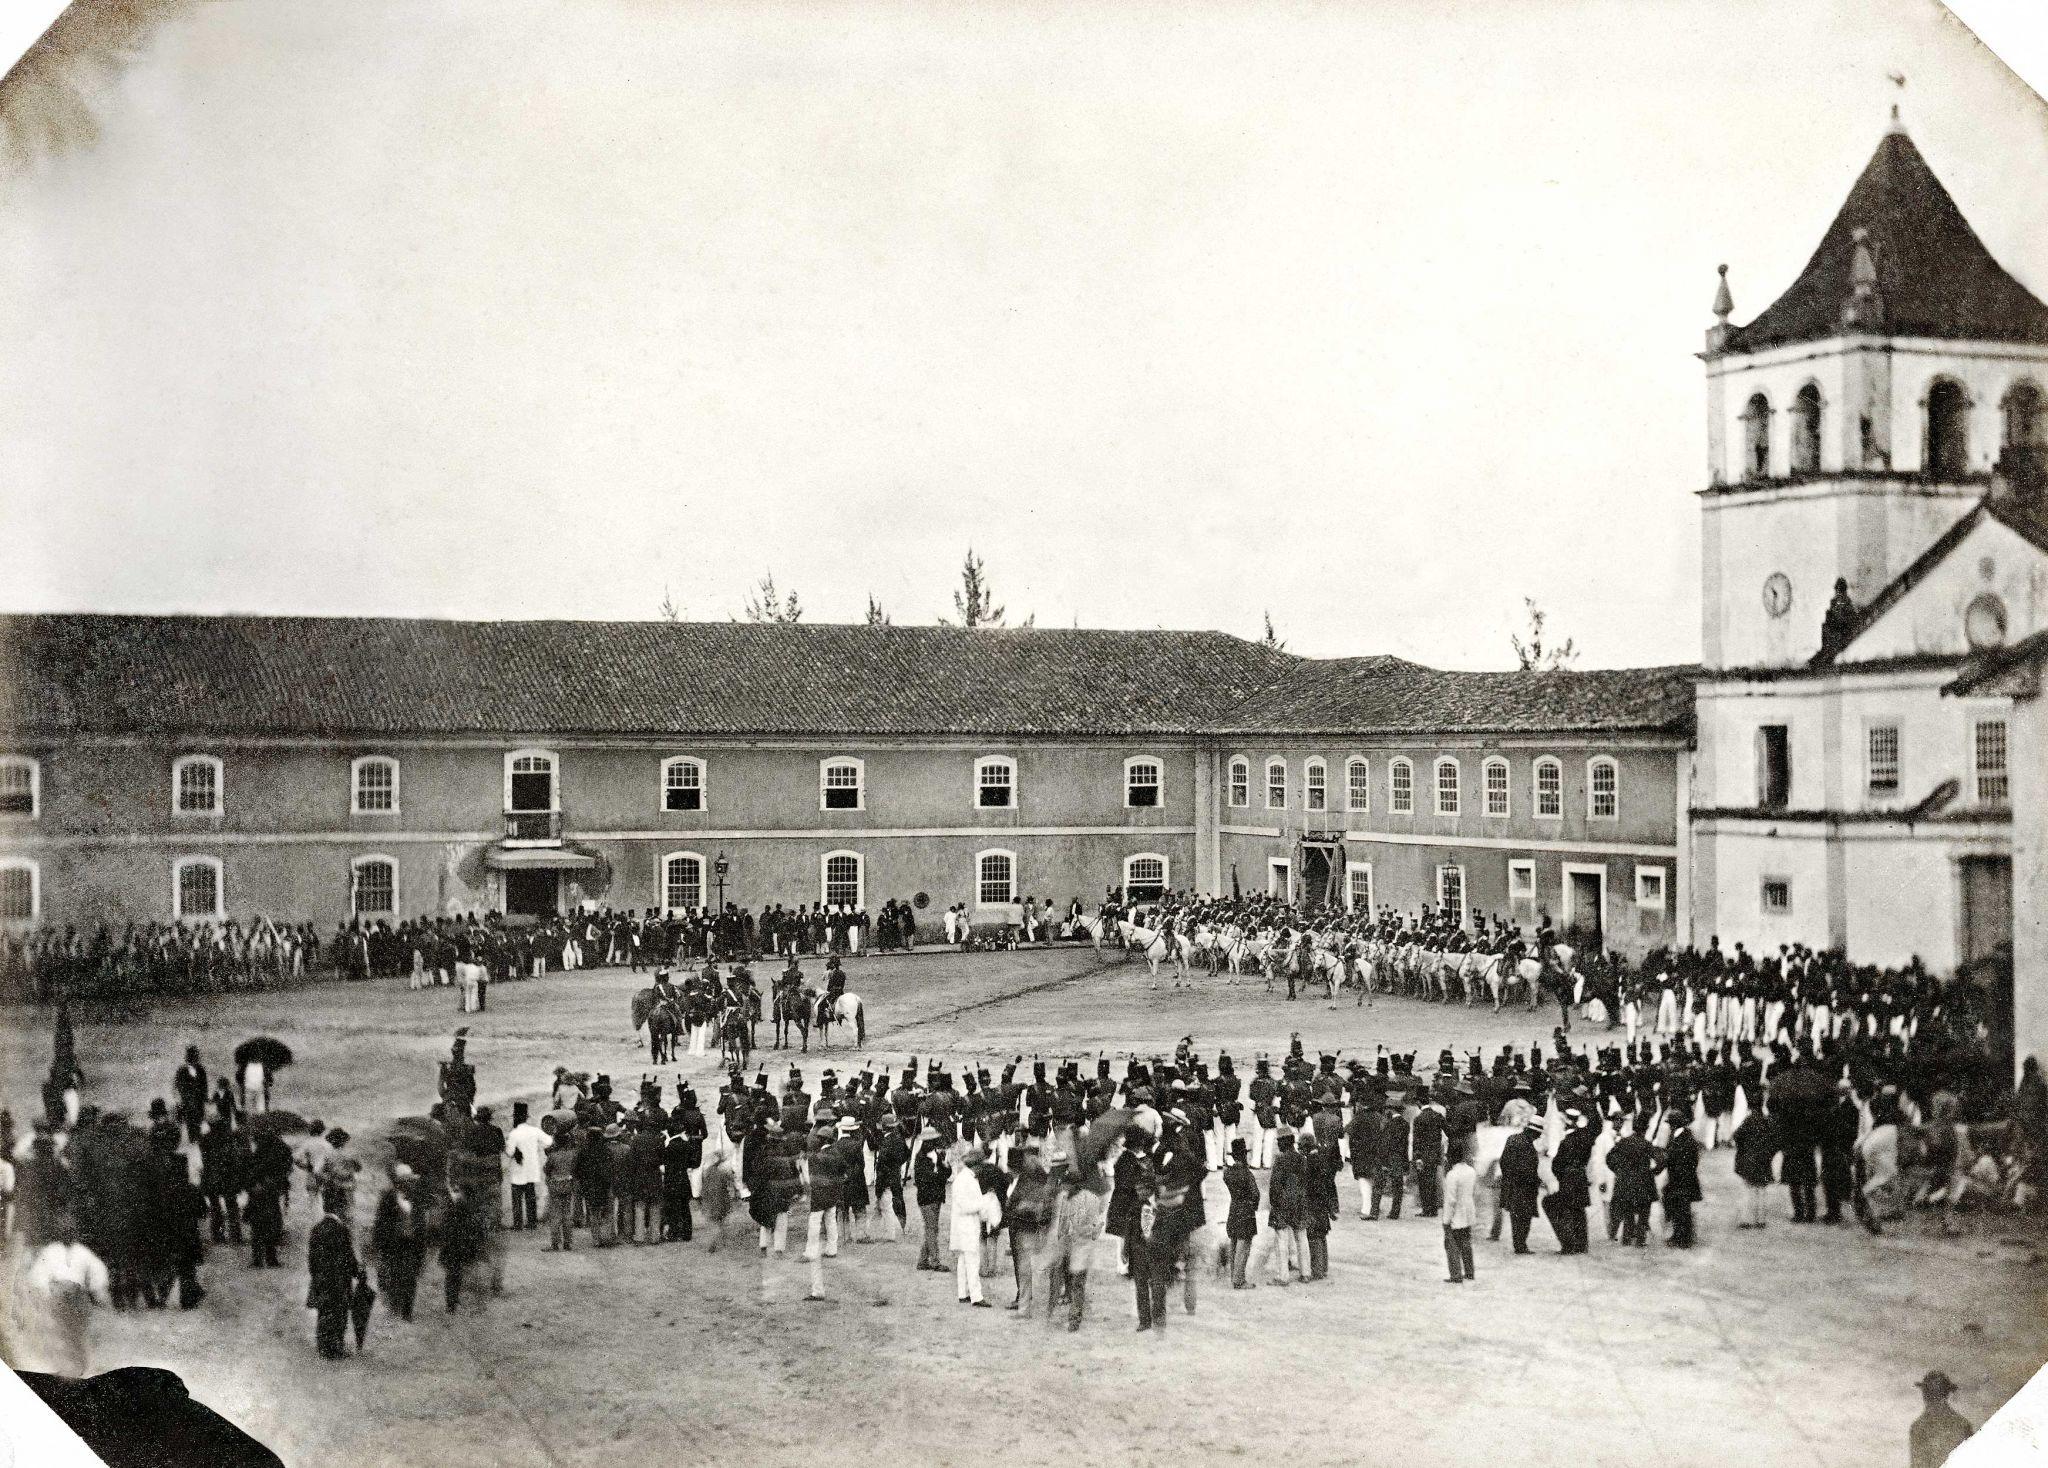 Igreja e Convento do Colégio, atual Pátio de Colégio, 1862, Militão Augusto de Azevedo